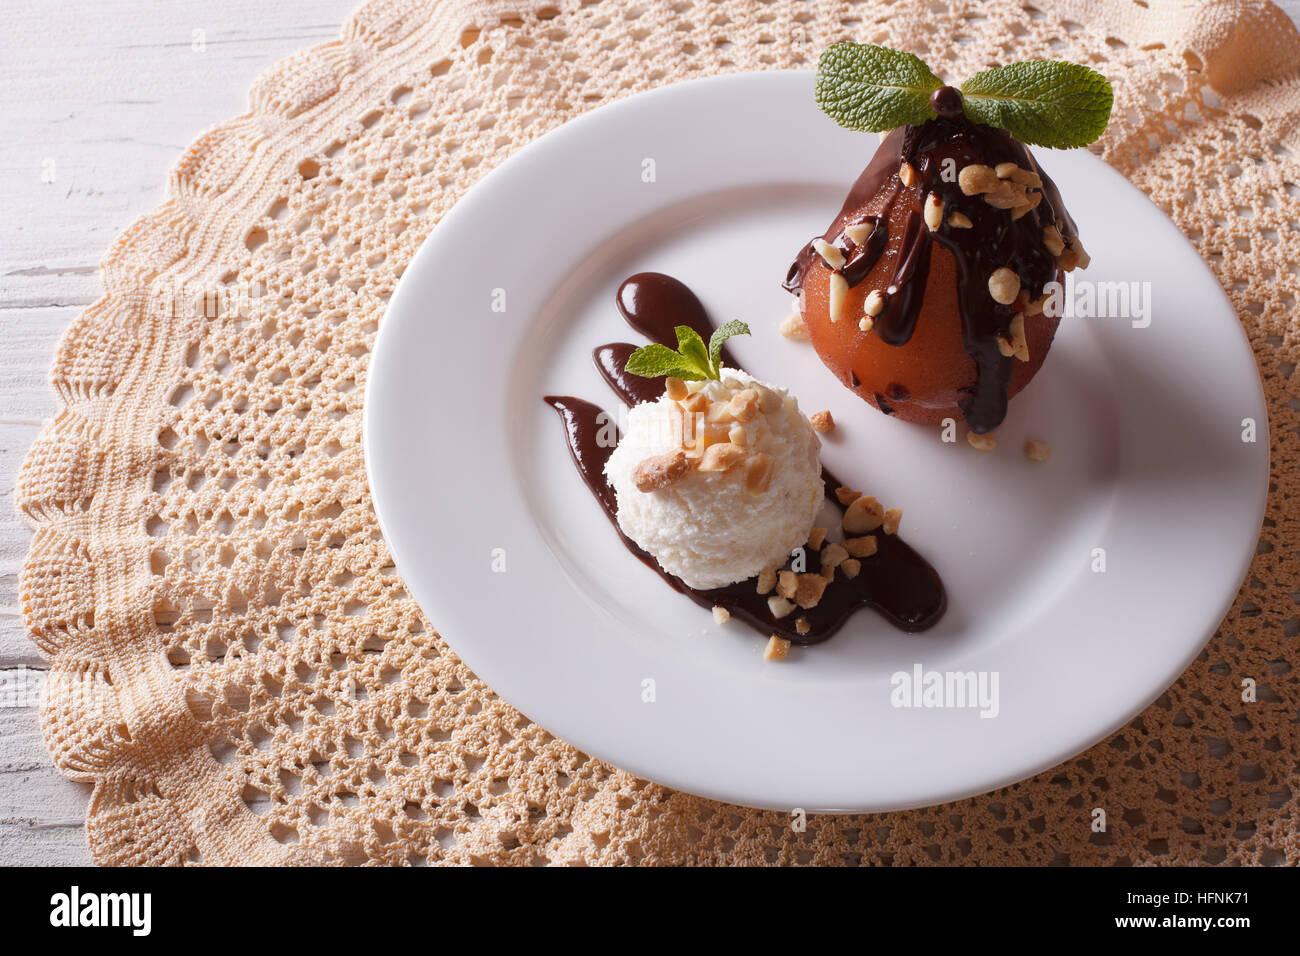 Cibo delizioso: pera affogata con cioccolata e gelati su una piastra superiore orizzontale di visualizzazione Immagini Stock